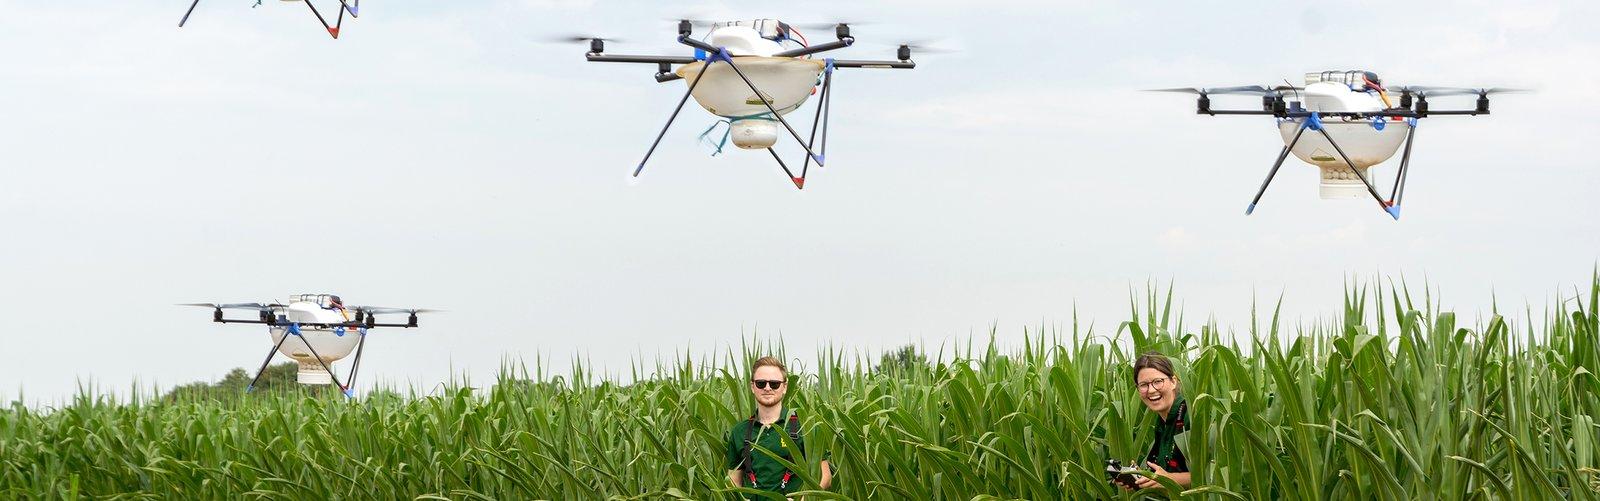 Bild_Lagerhaus Drohnen u?berfliegen 5.000 ha © RWA/Robert Gebauer